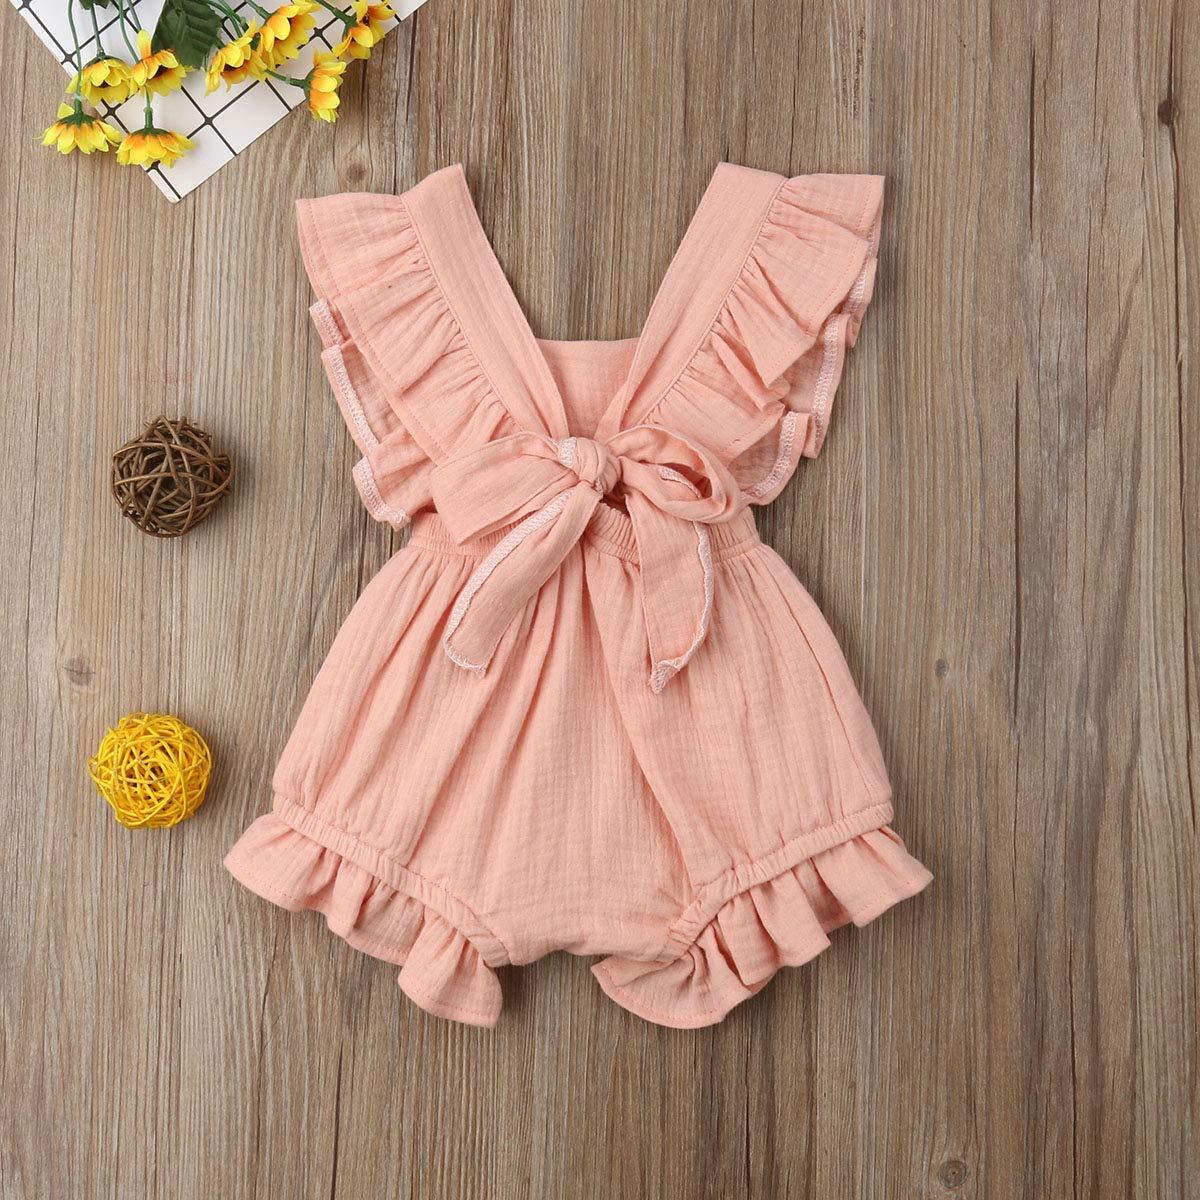 Miyanuby Abiti Bambino Ragazza Vestiti della neonata Senza Maniche Colletto Arruffato Bowknot Cotone Pagliaccetto Bodysuit Tuta Outfits